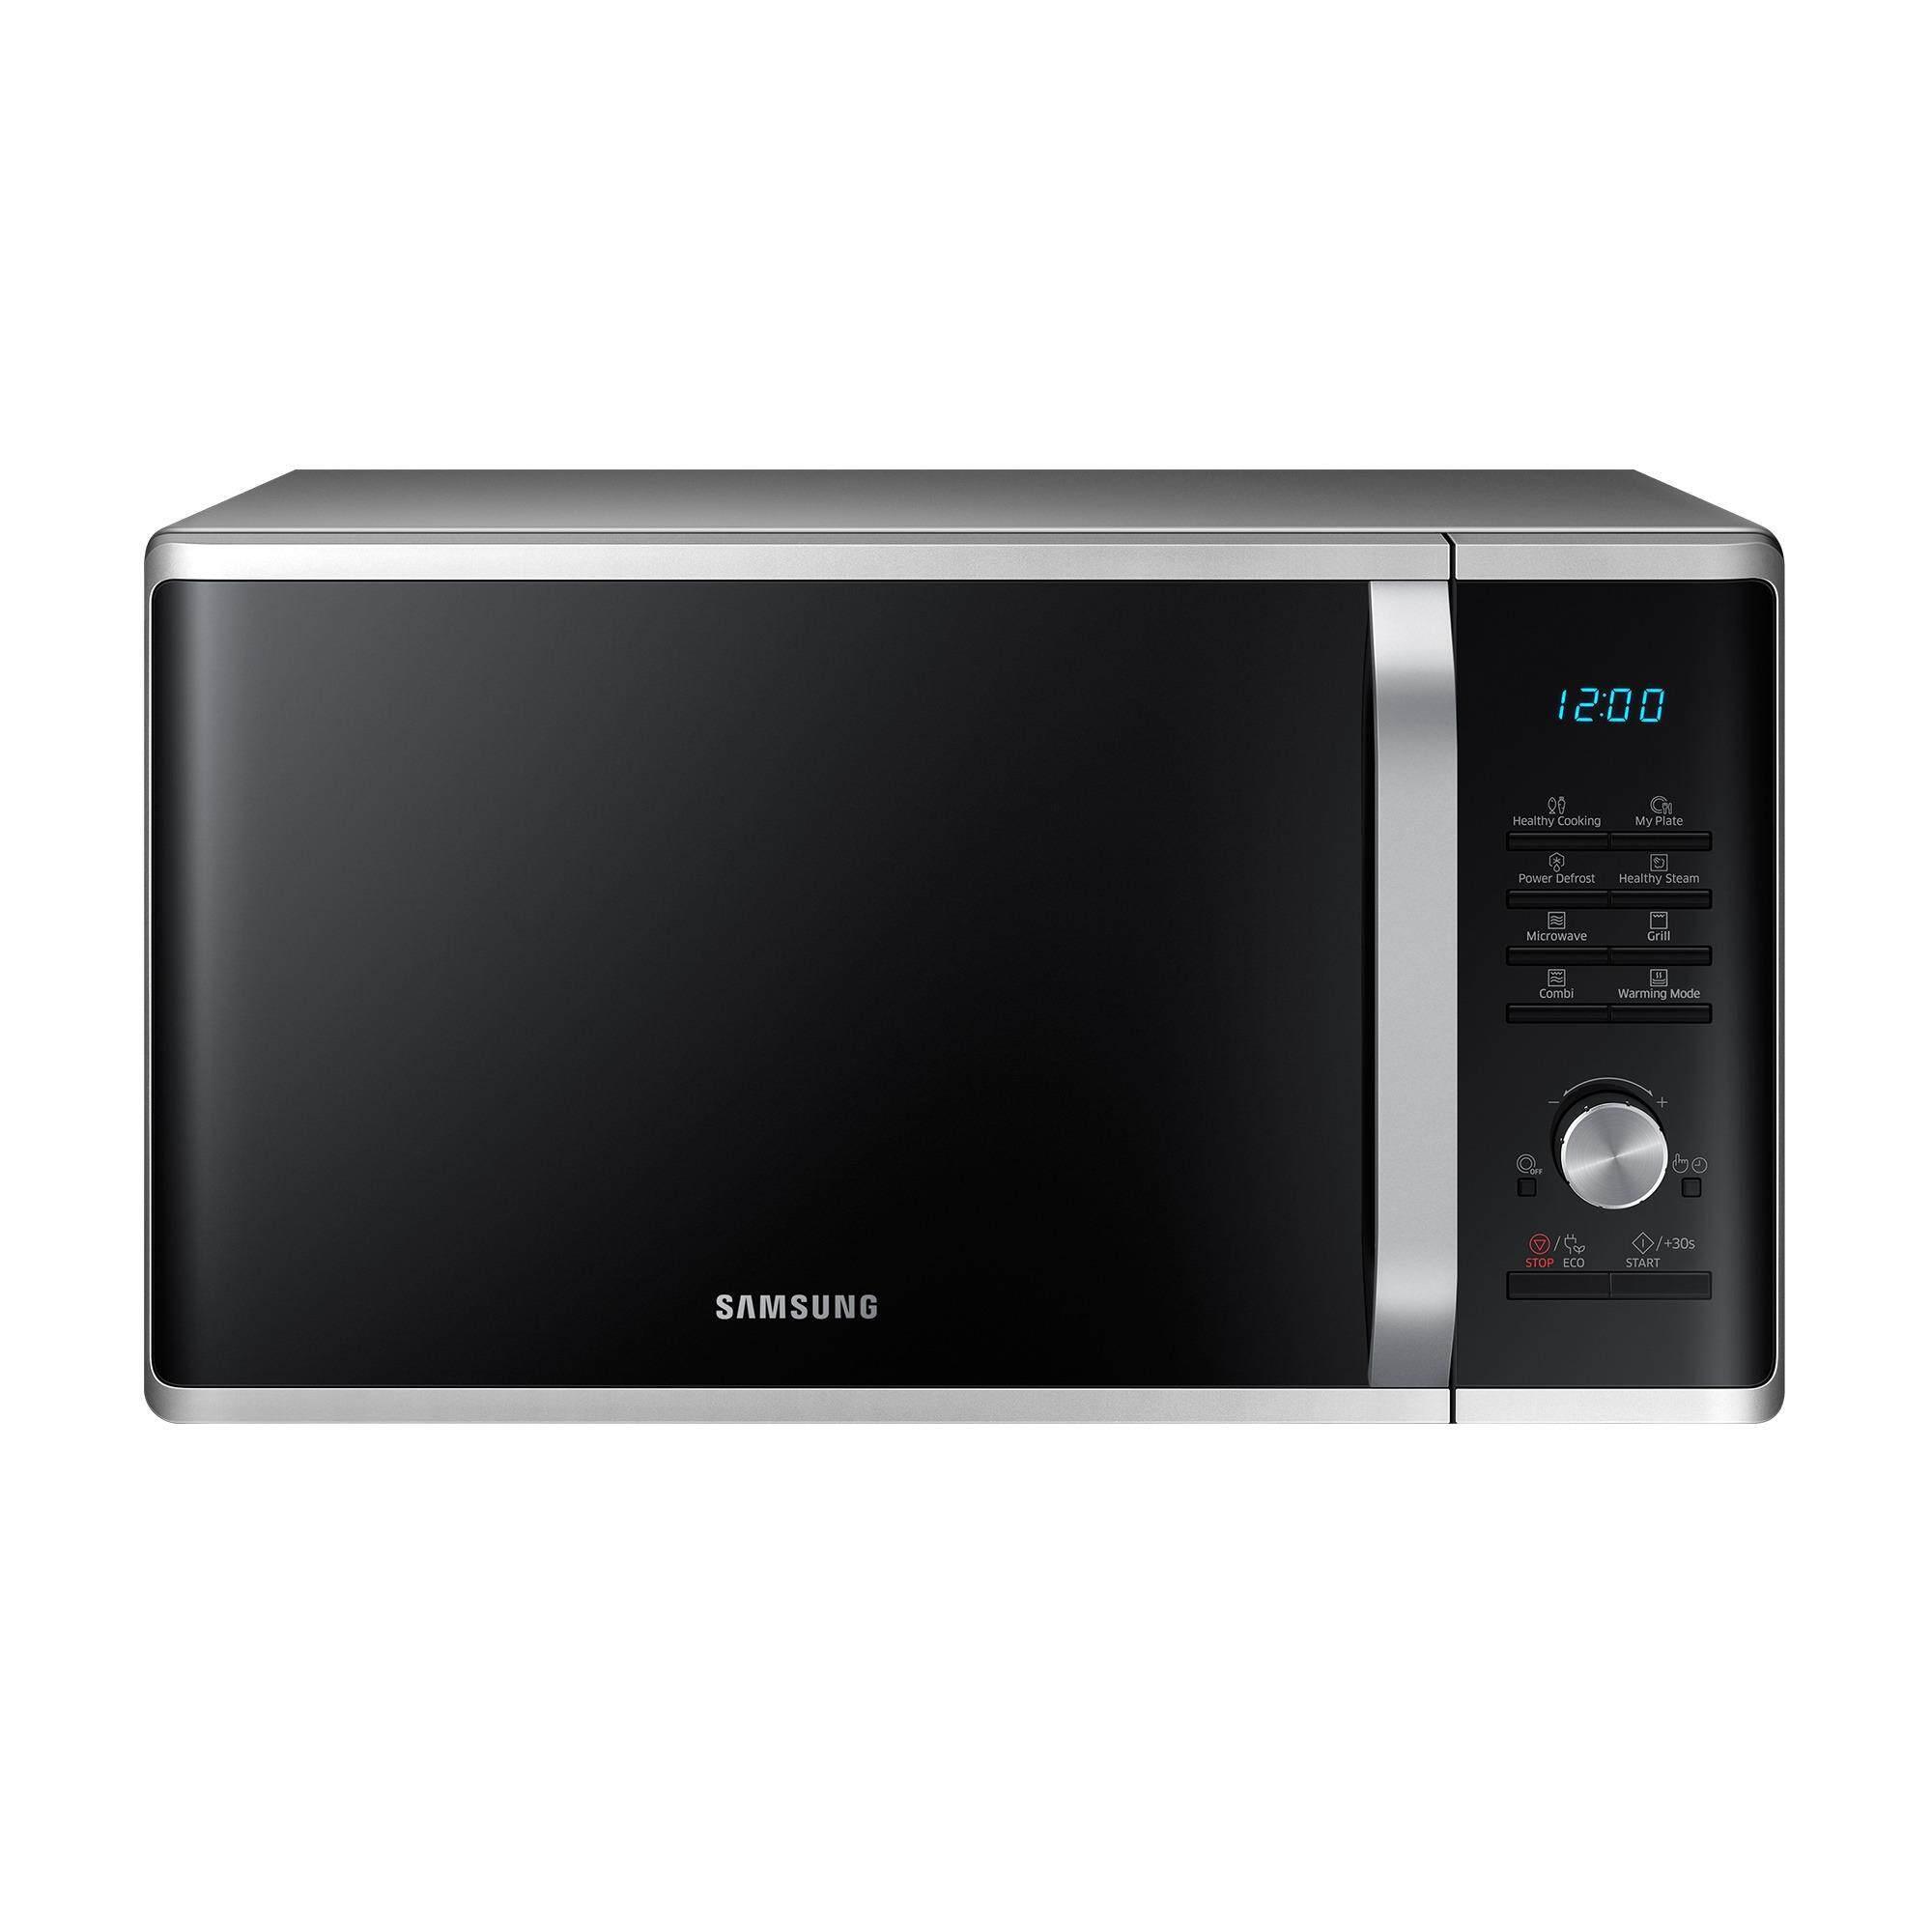 ซื้อ Samsung เตาอบไมโครเวฟ อุ่น นึ่ง ย่าง Mg28J5255Us 28 ลิตร ใหม่